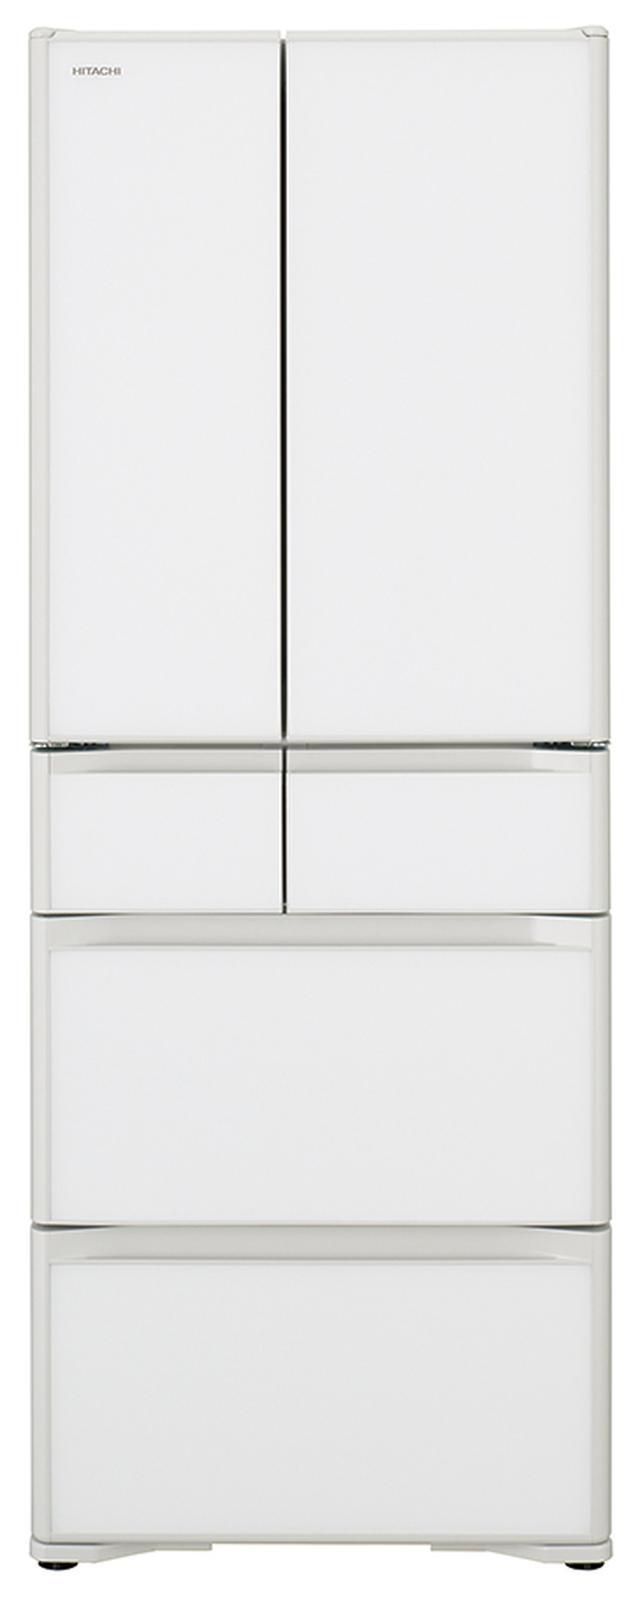 画像4: 冷蔵庫は、価格もこなれた今がねらい目! 注目したい厳選5モデルを紹介!